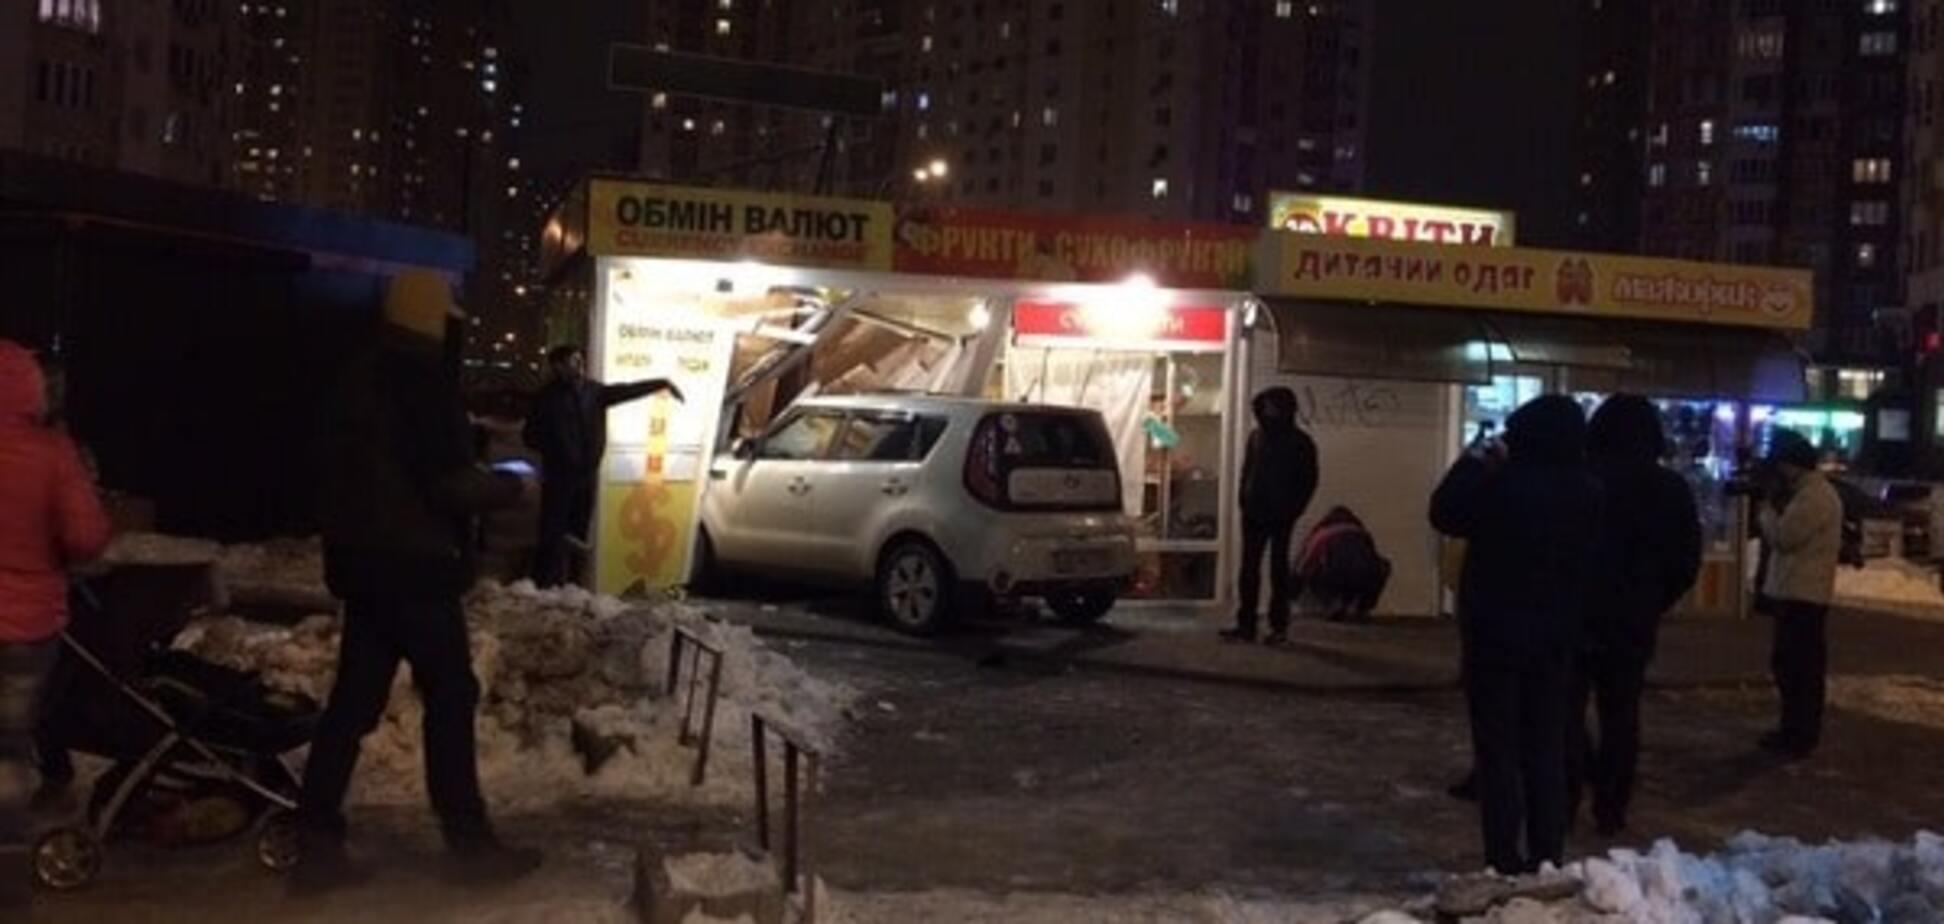 Авария в Киеве: 'паркетник' влетел в 'Обмен валют'. Опубликованы фото